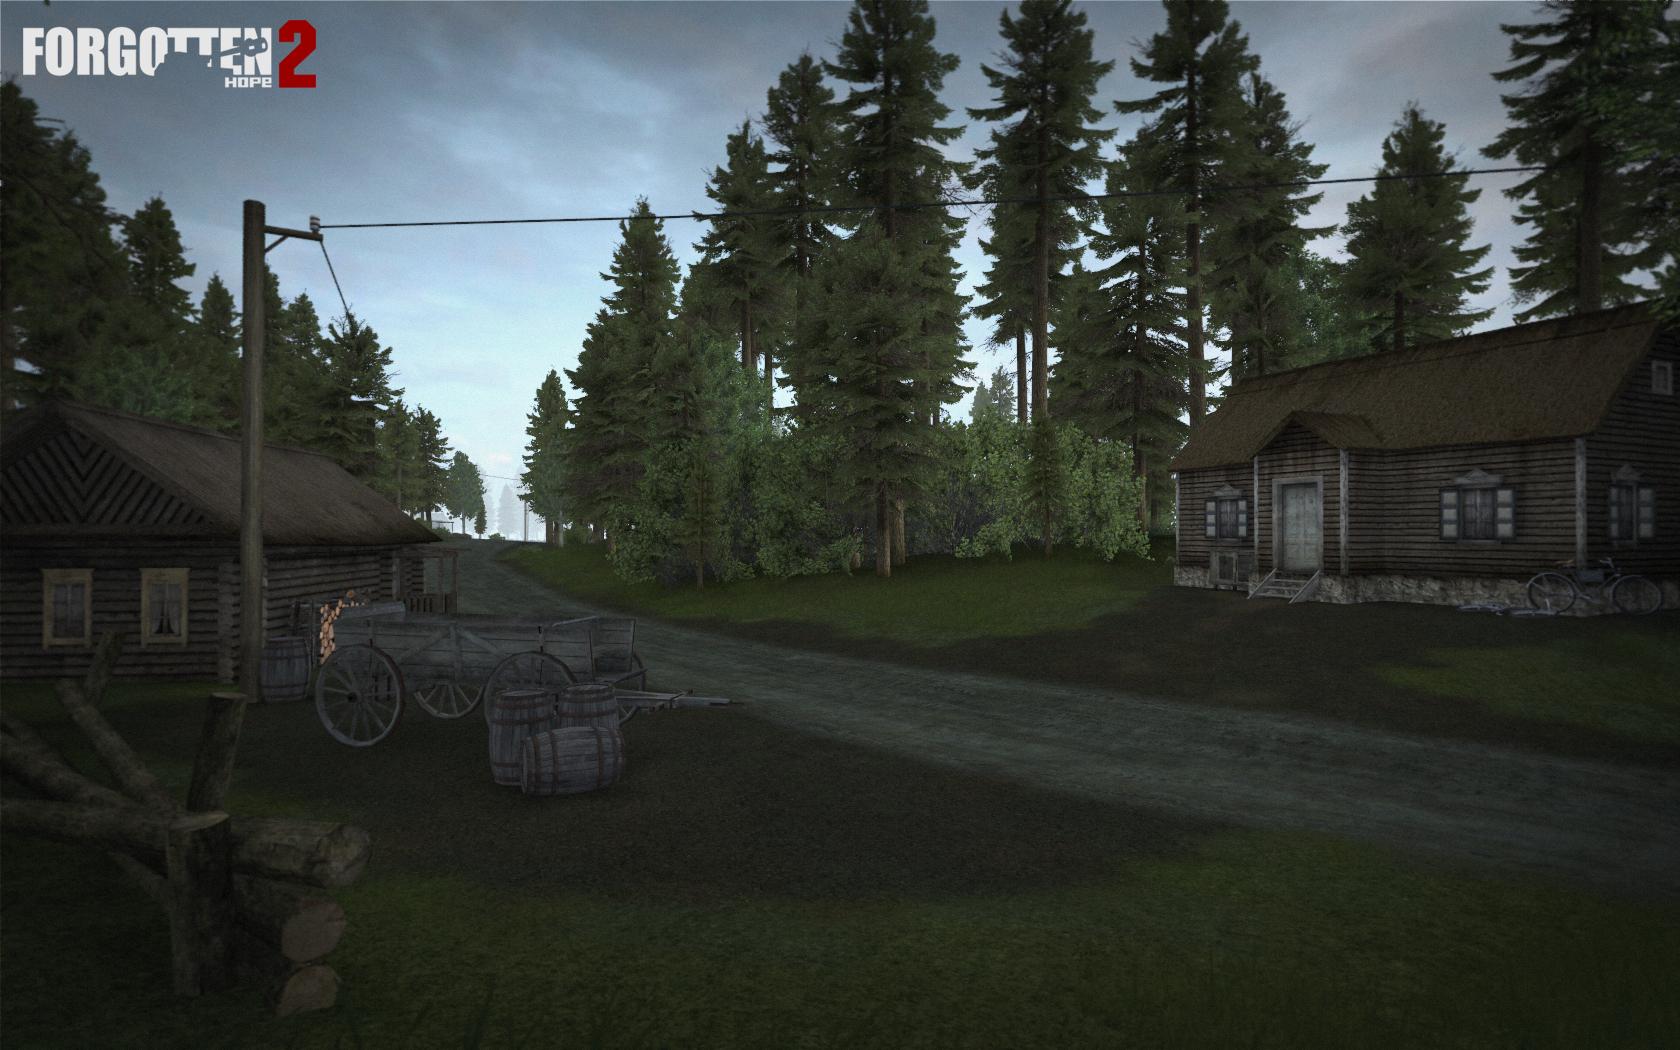 forgottenhope.warumdarum.de/screenshotsfh2/news/150320/sammatus_05.jpg